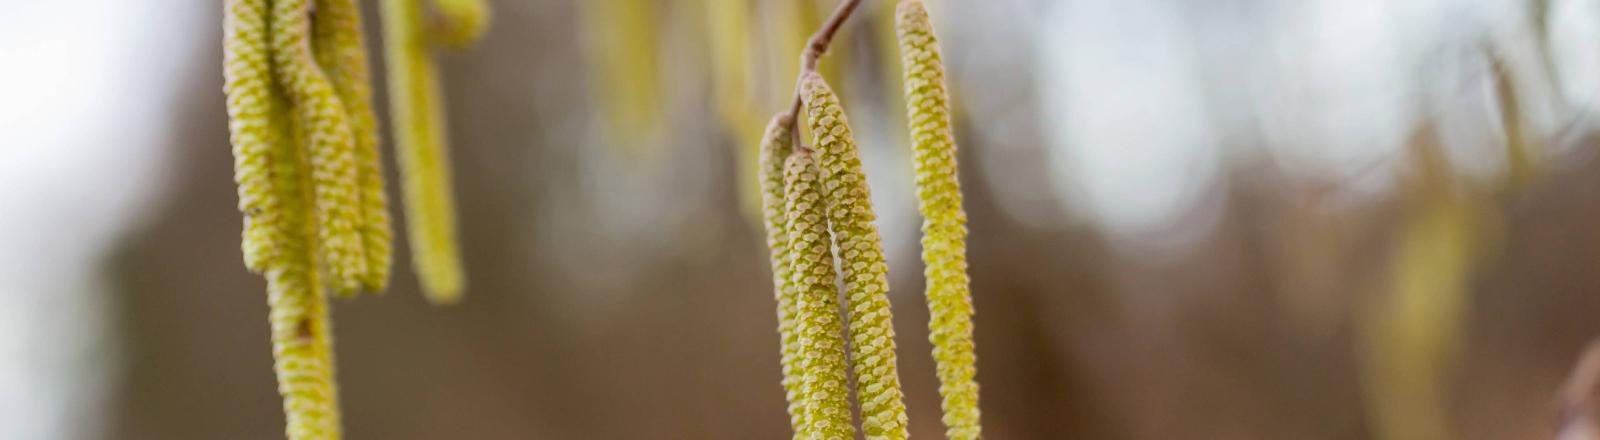 Birkenpollen an einem Baum